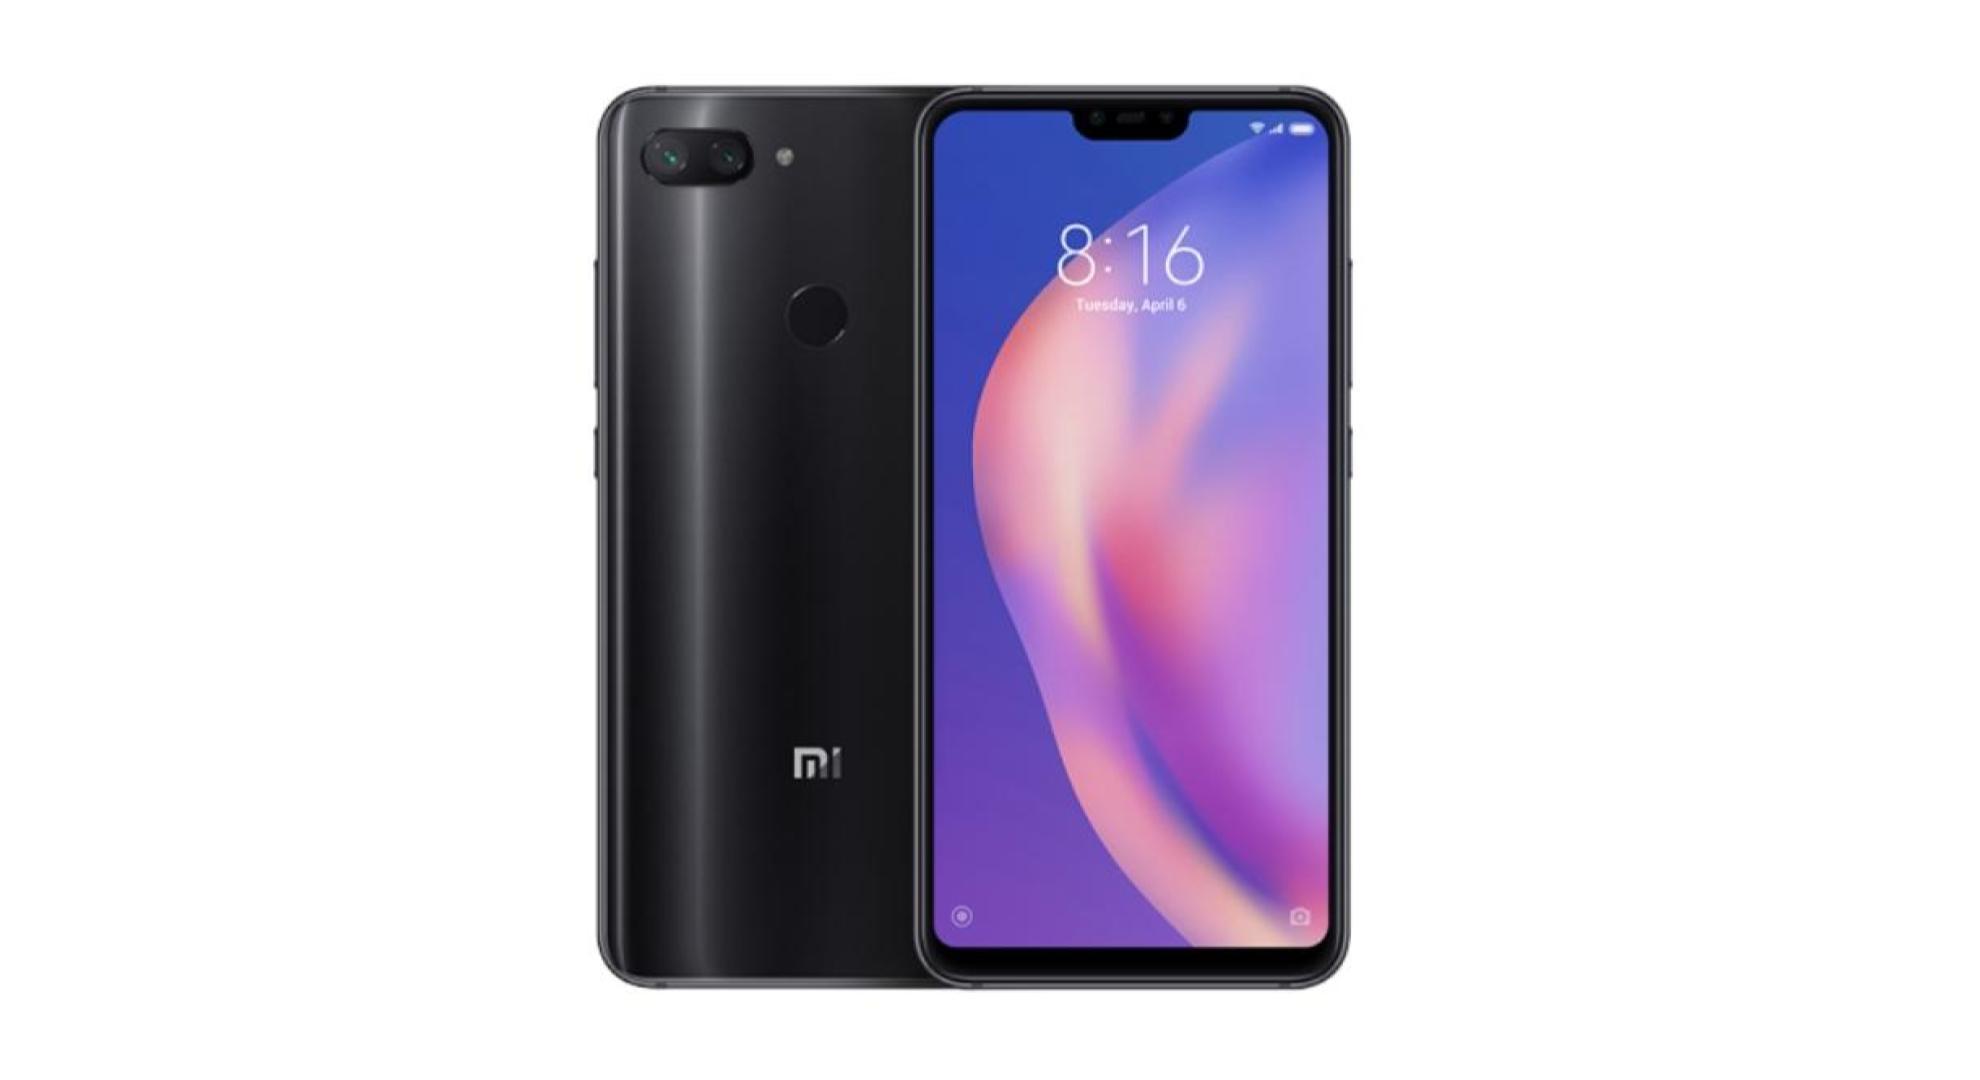 🔥 Bon plan : seulement 148 euros pour le Xiaomi Mi 8 Lite (4+64 Go)